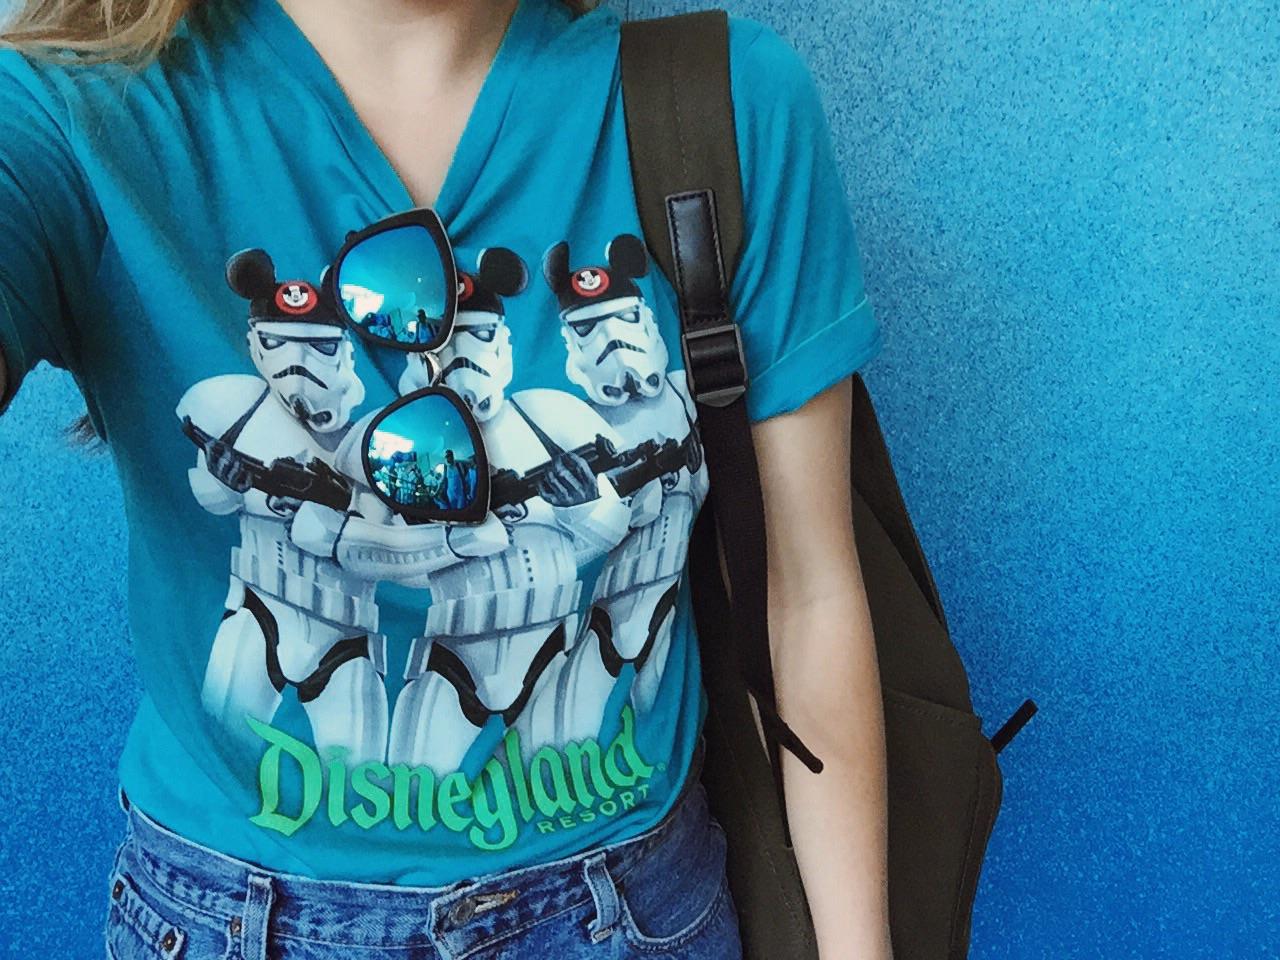 When in Disney...